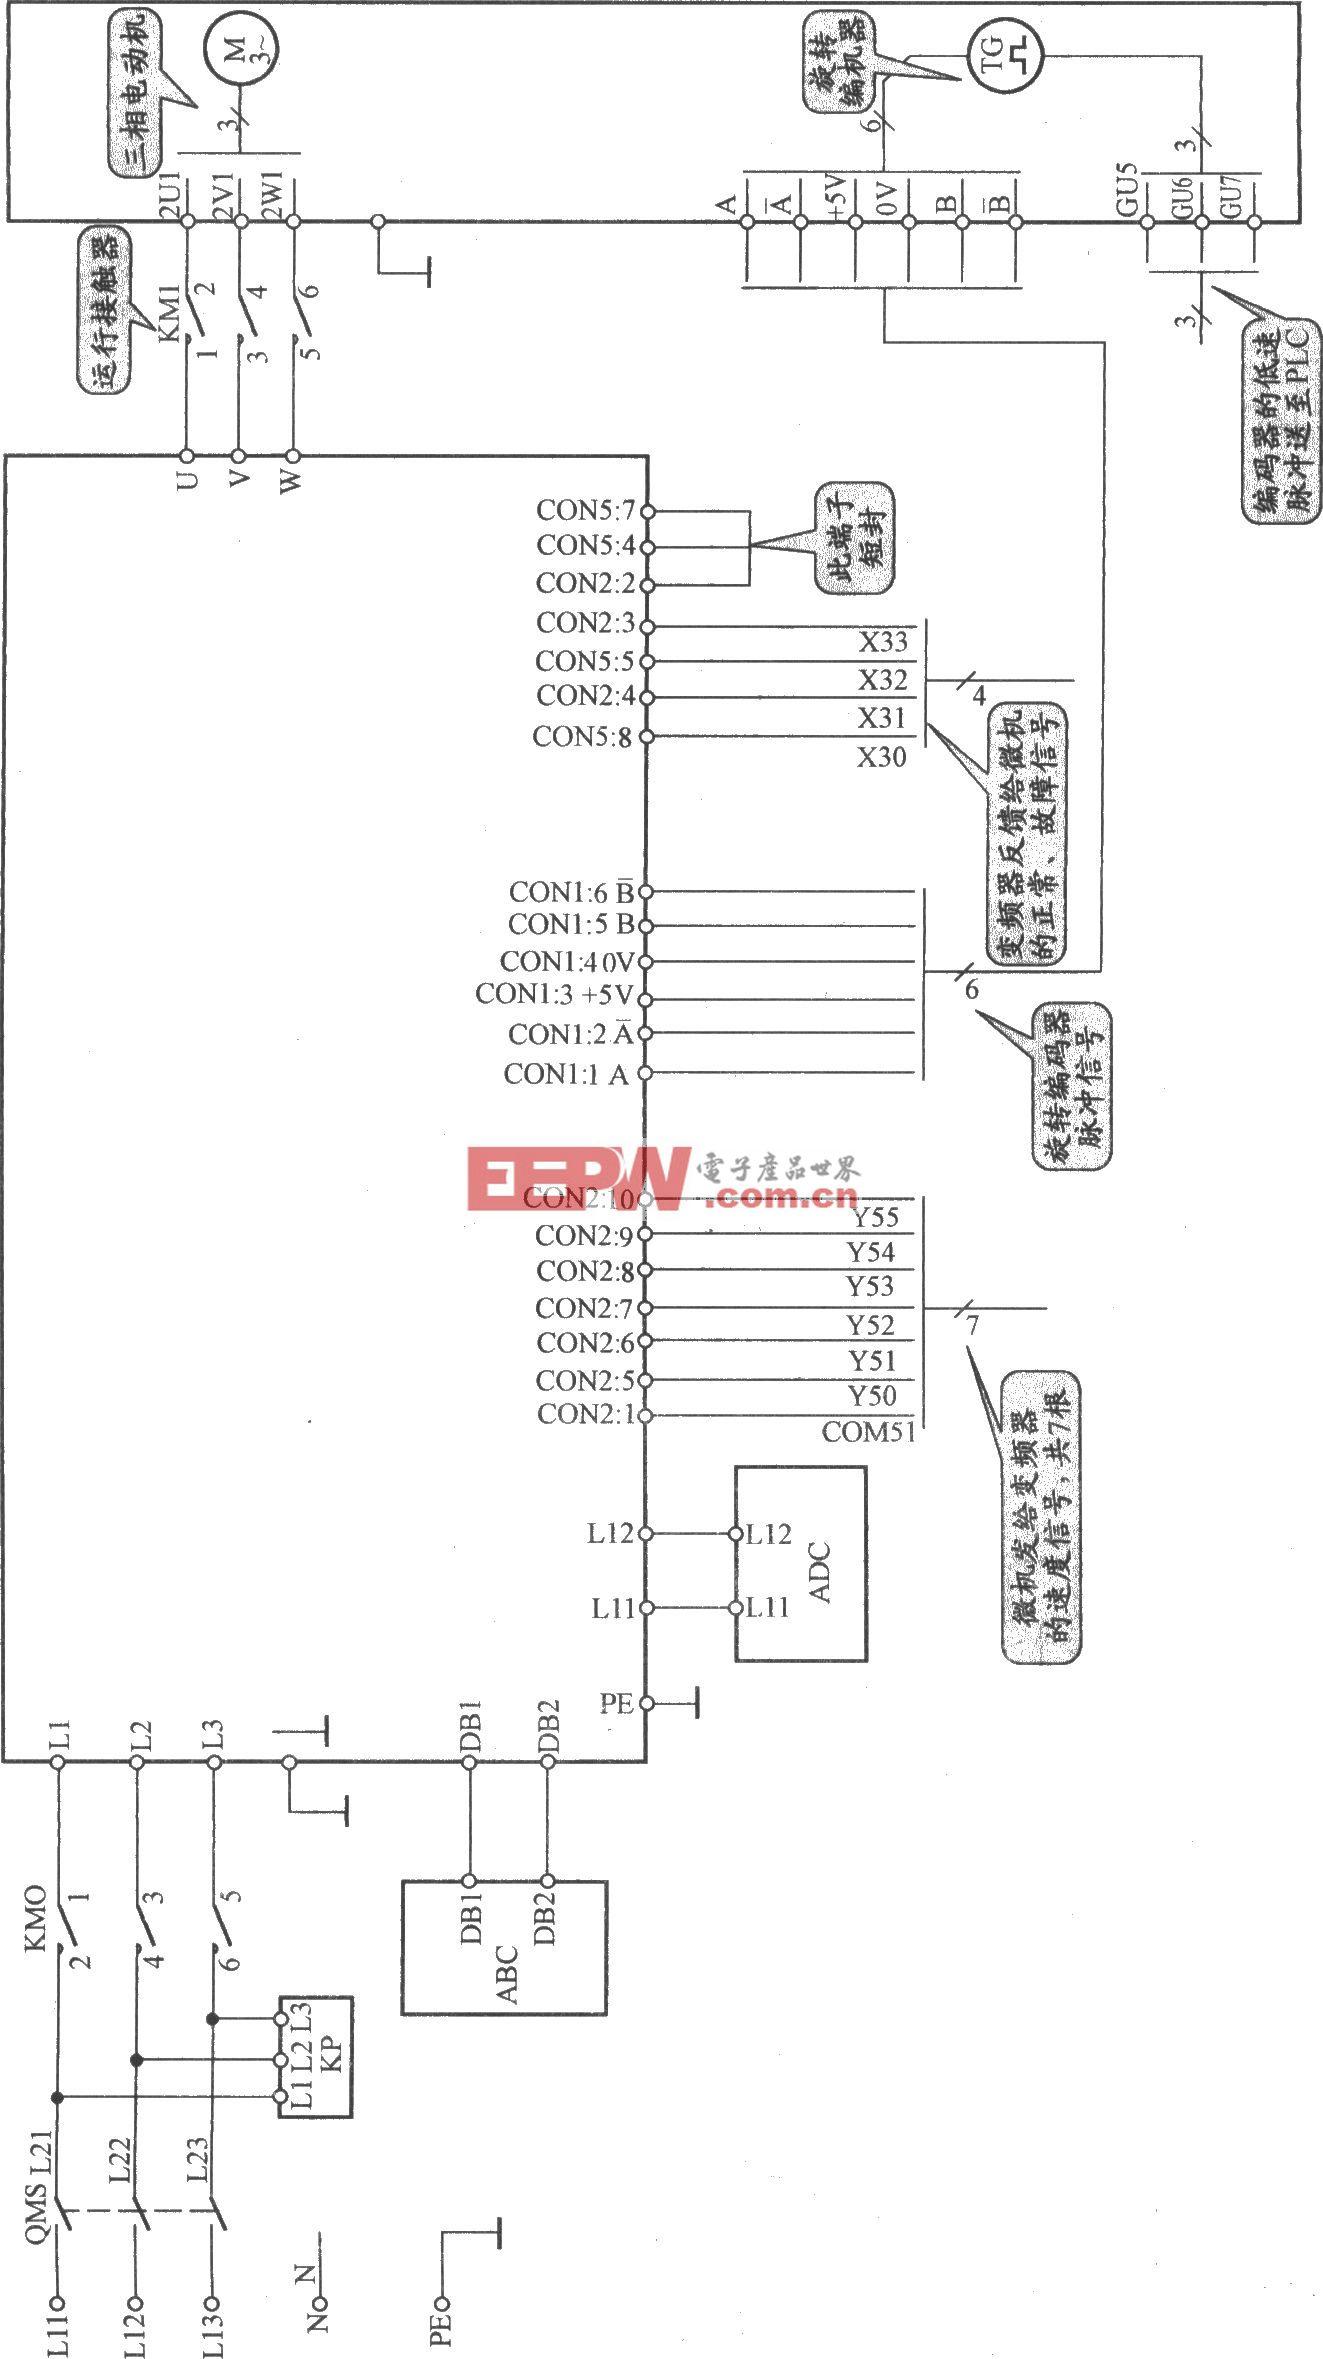 三菱SPVV(F)电梯主电路(B)